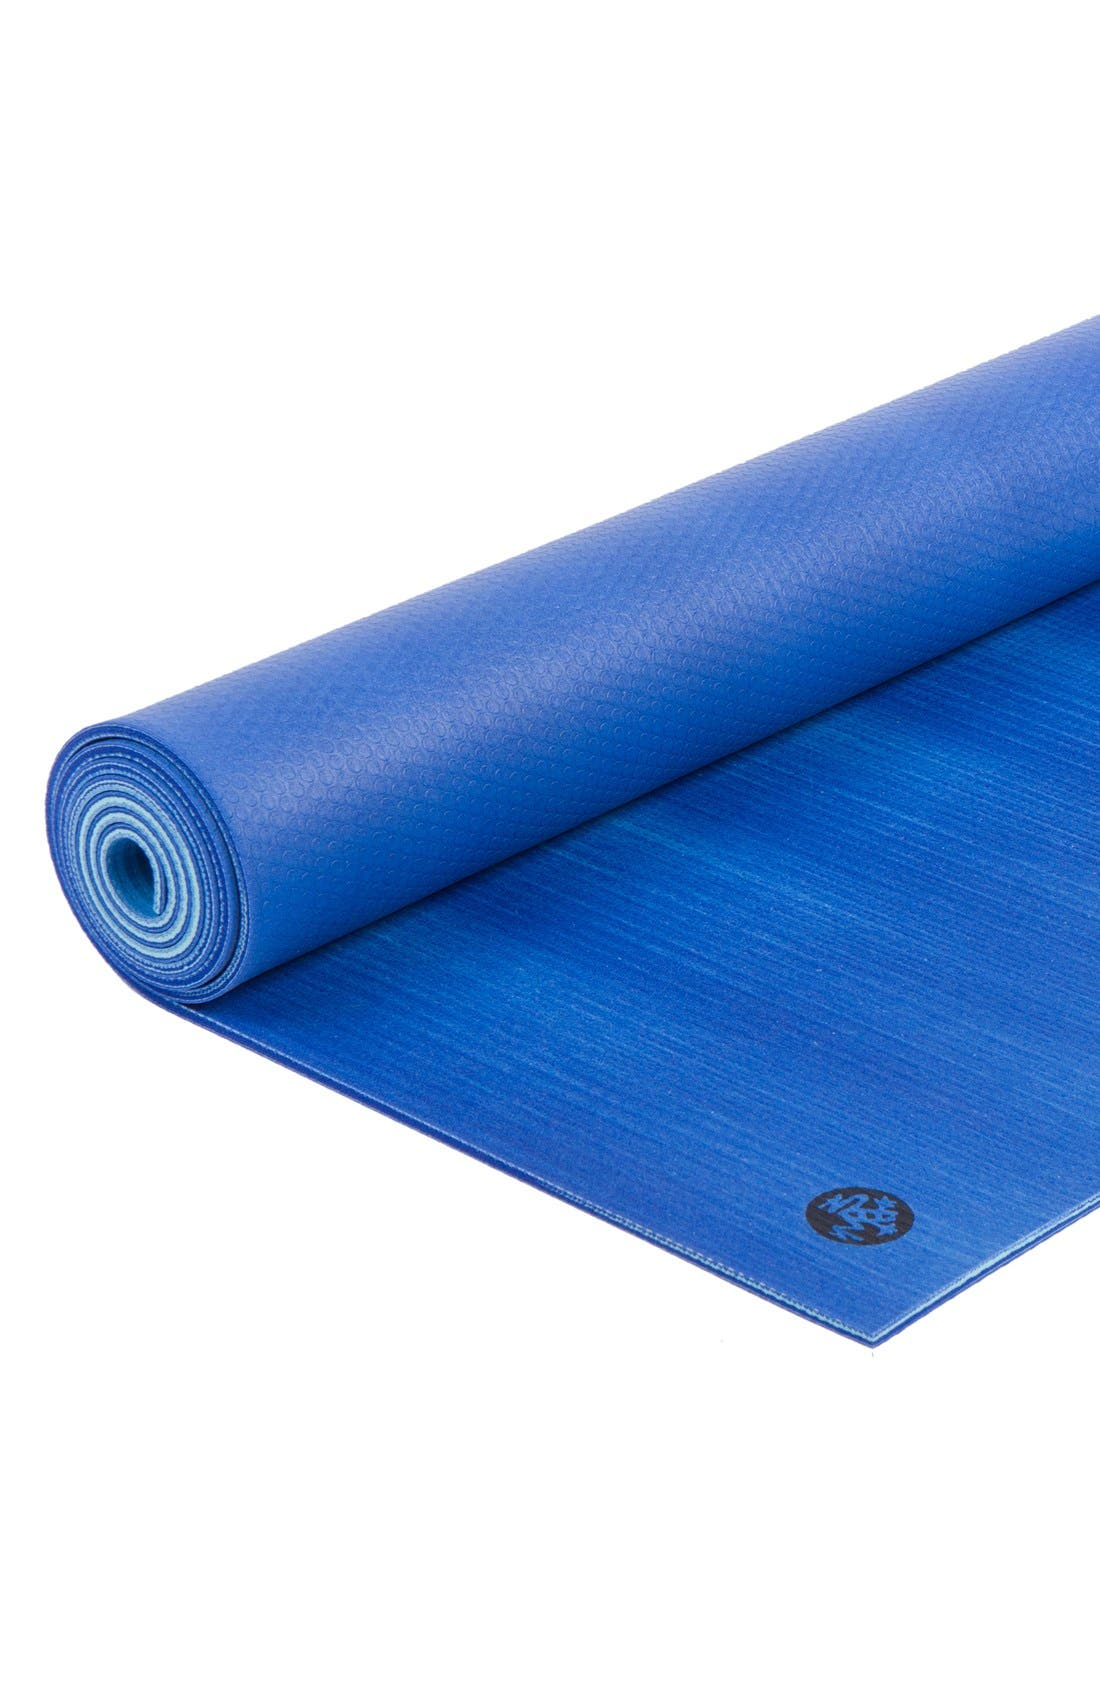 Main Image - Manduka 'PRO®' Yoga Mat